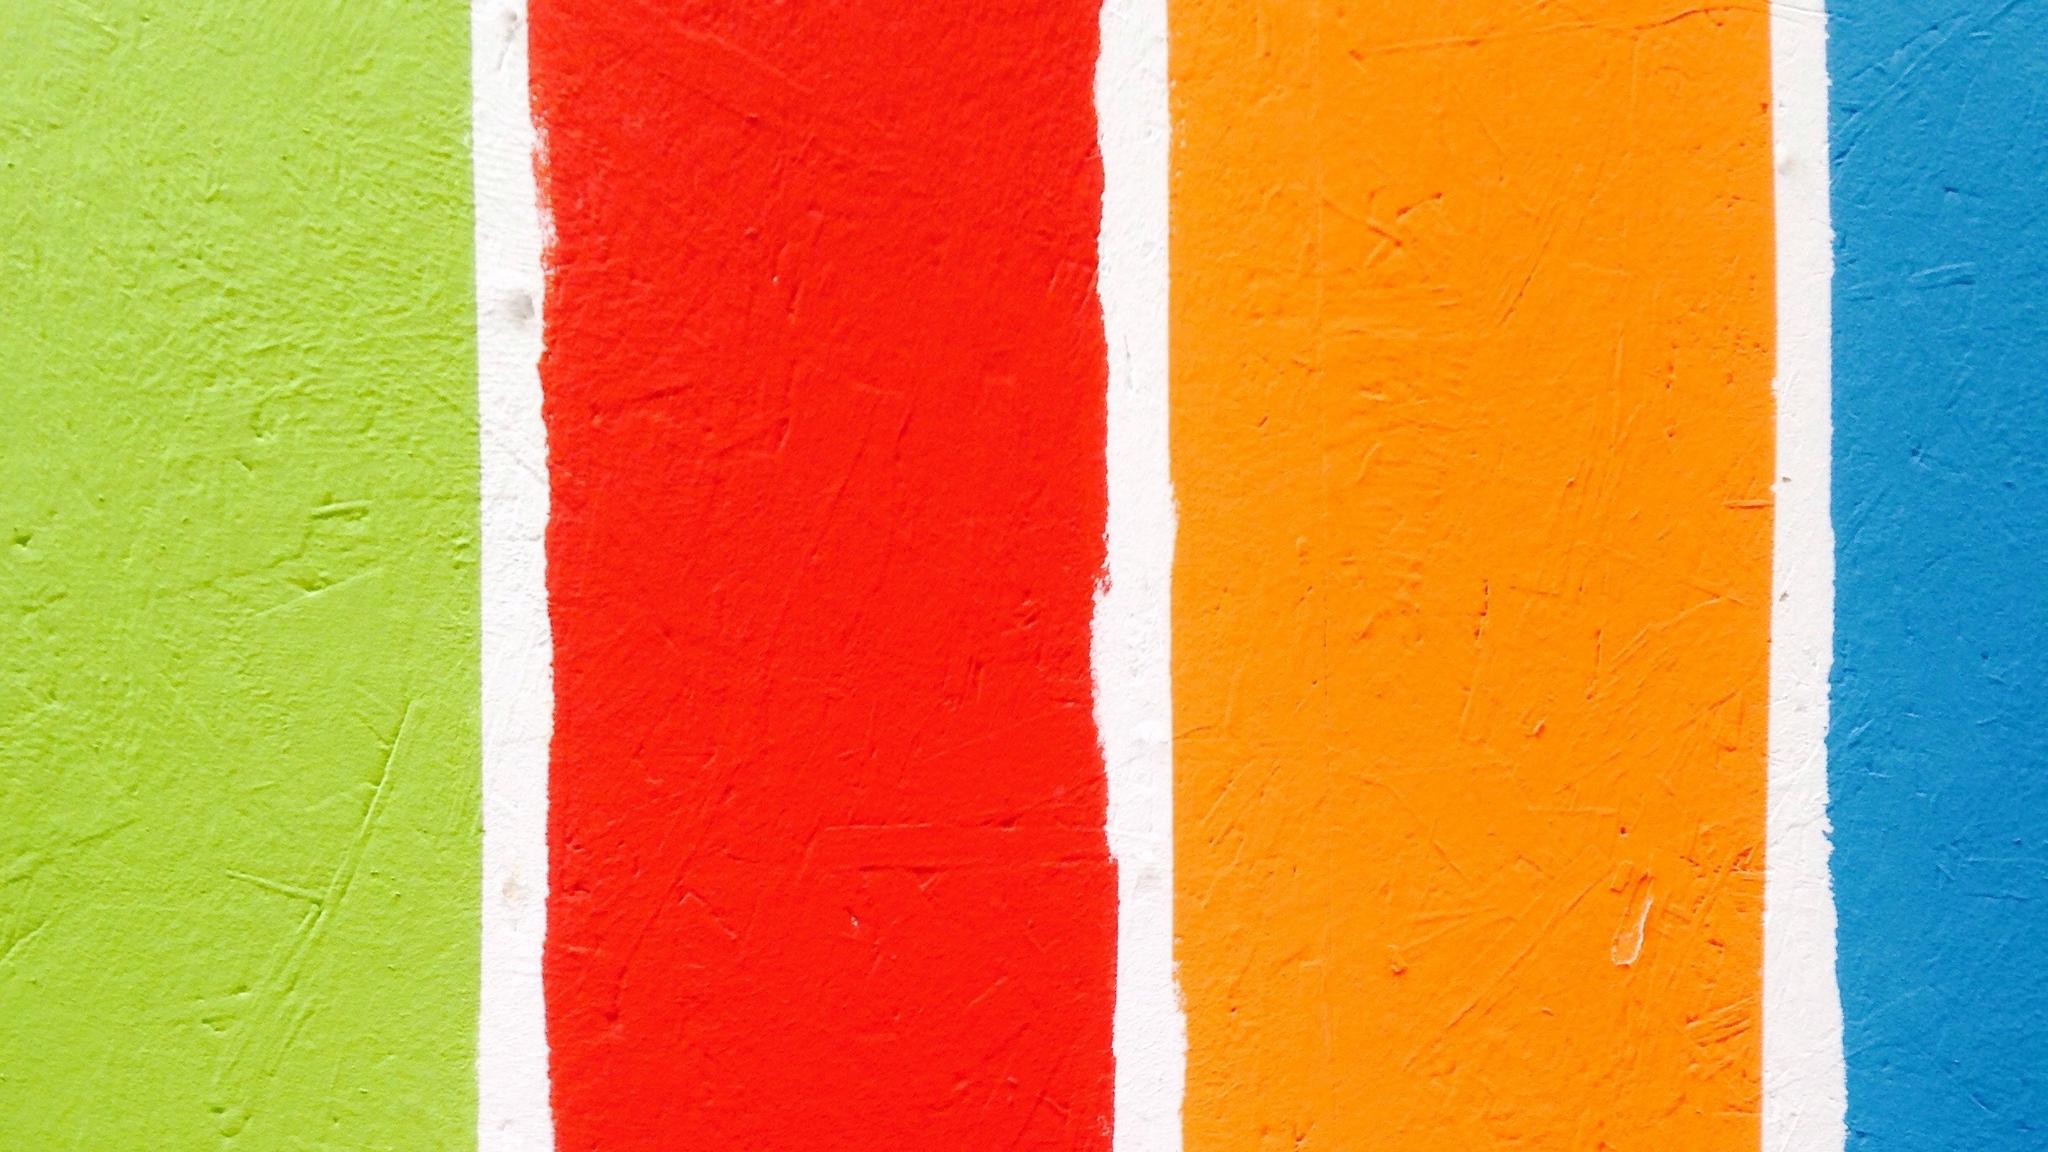 Как красить стены валиком: 7 советов и лайвхаков